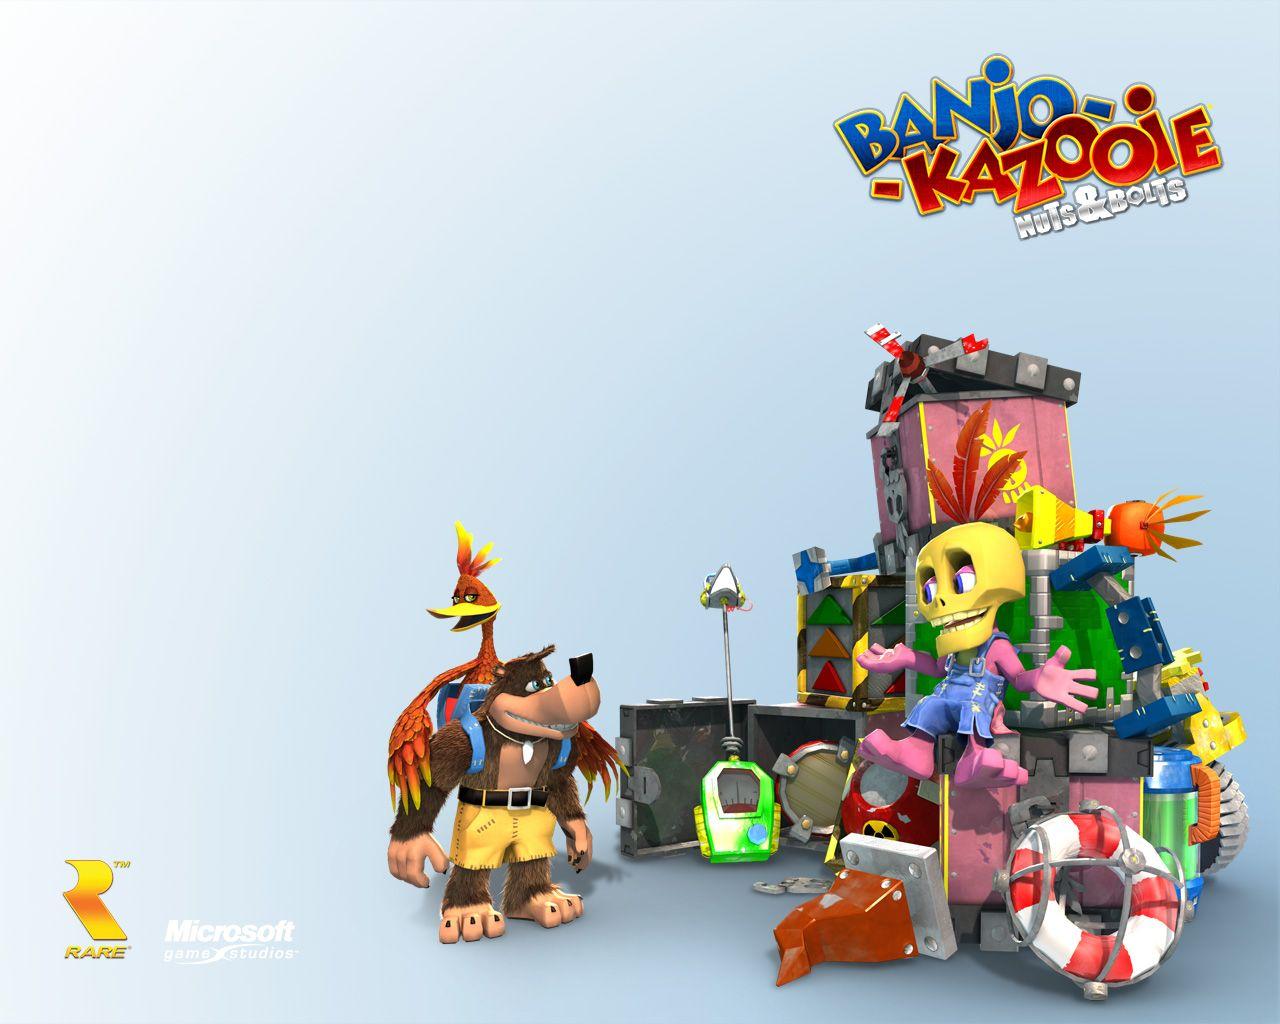 Banjo Kazooie Nuts Bolts Banjo Kazooie Banjo Classic Games